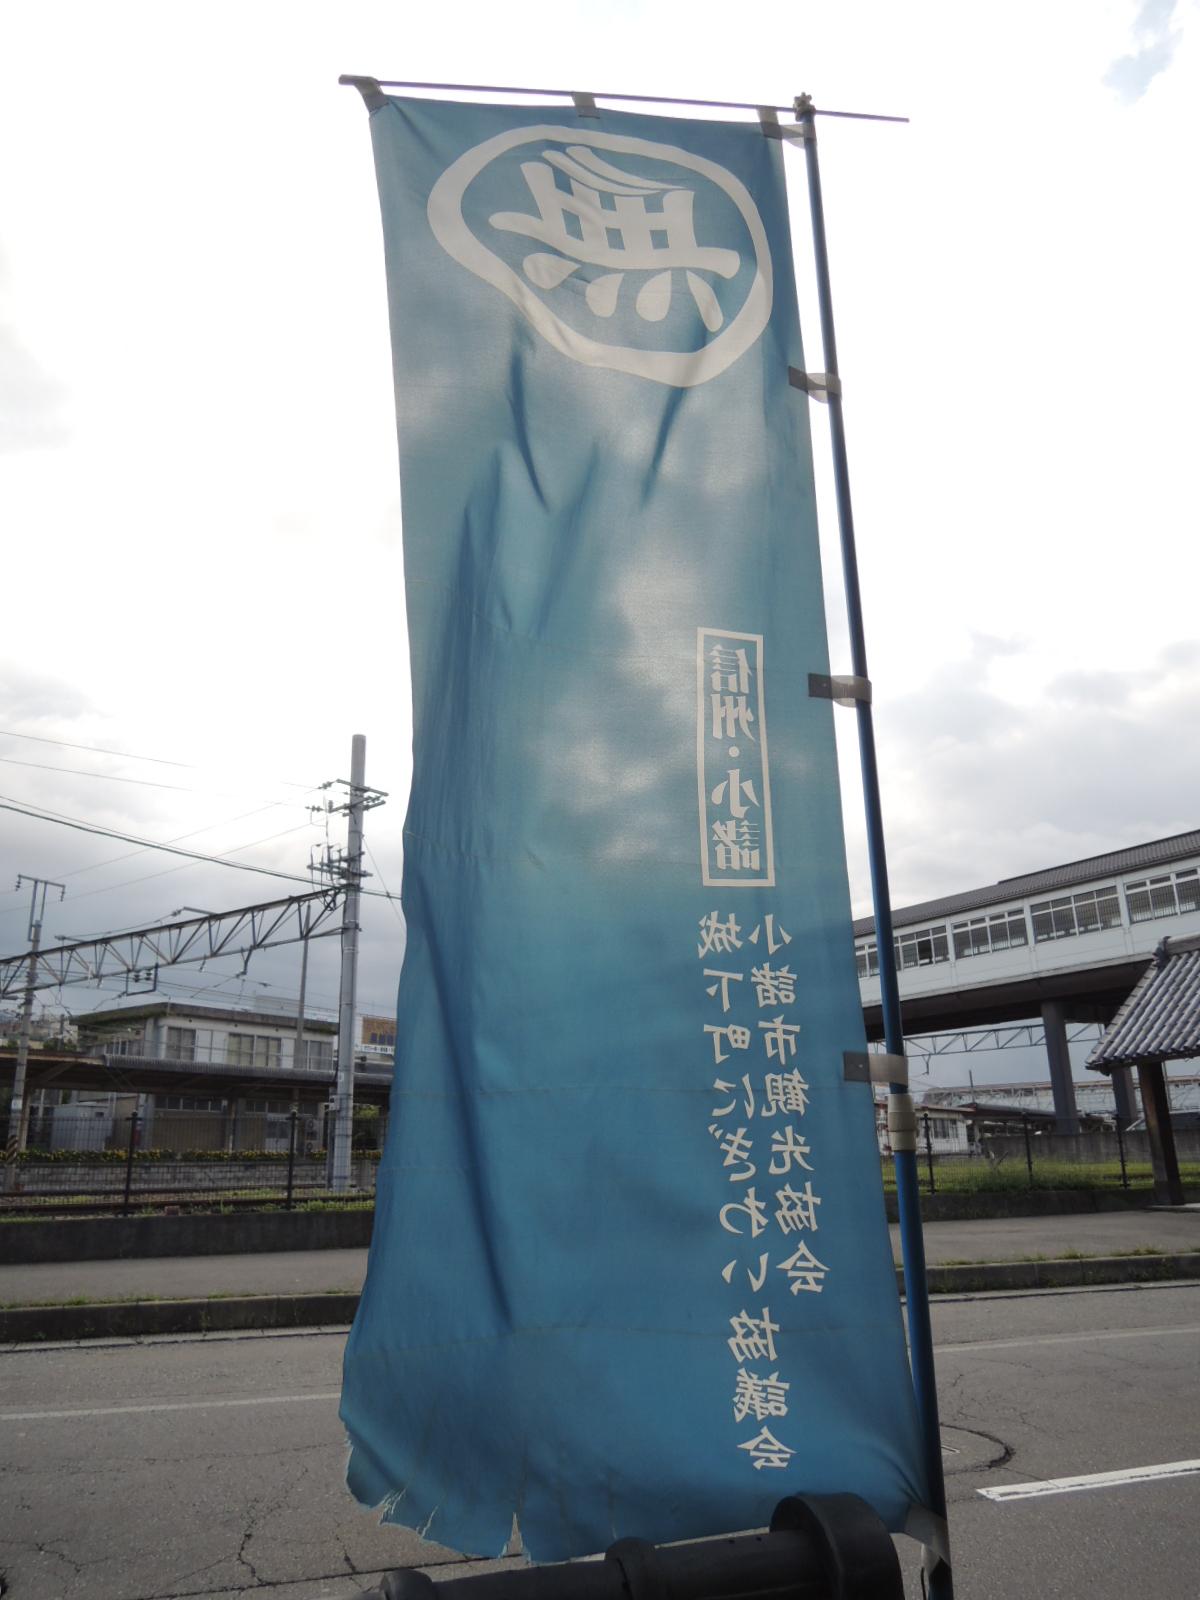 DSCN2496.JPG